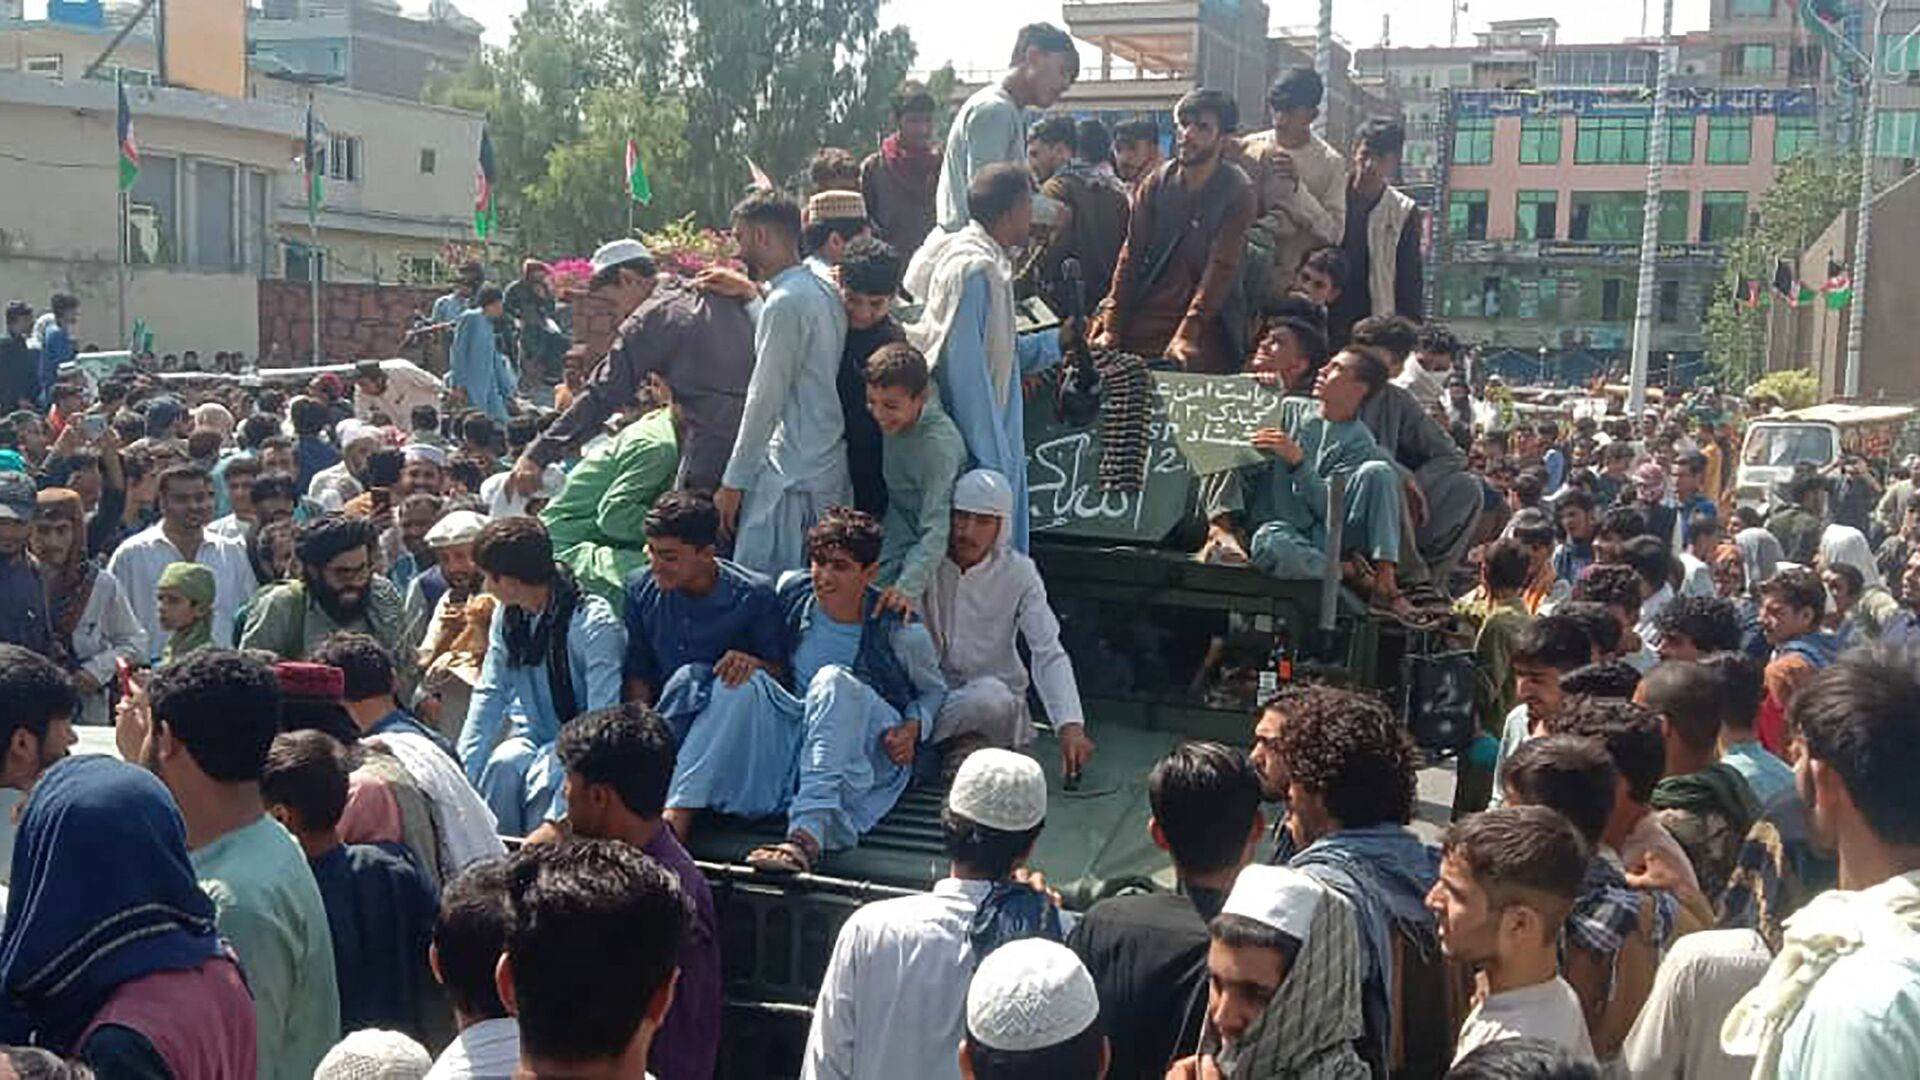 Bojownicy Talibana* i lokalni mieszkńcy siedzą w samochodzie Hammer Afgańskiej Armii Narodowej na ulicy w prowincji Dżalalabad 15 sierpnia 2021 roku. - Sputnik Polska, 1920, 16.08.2021